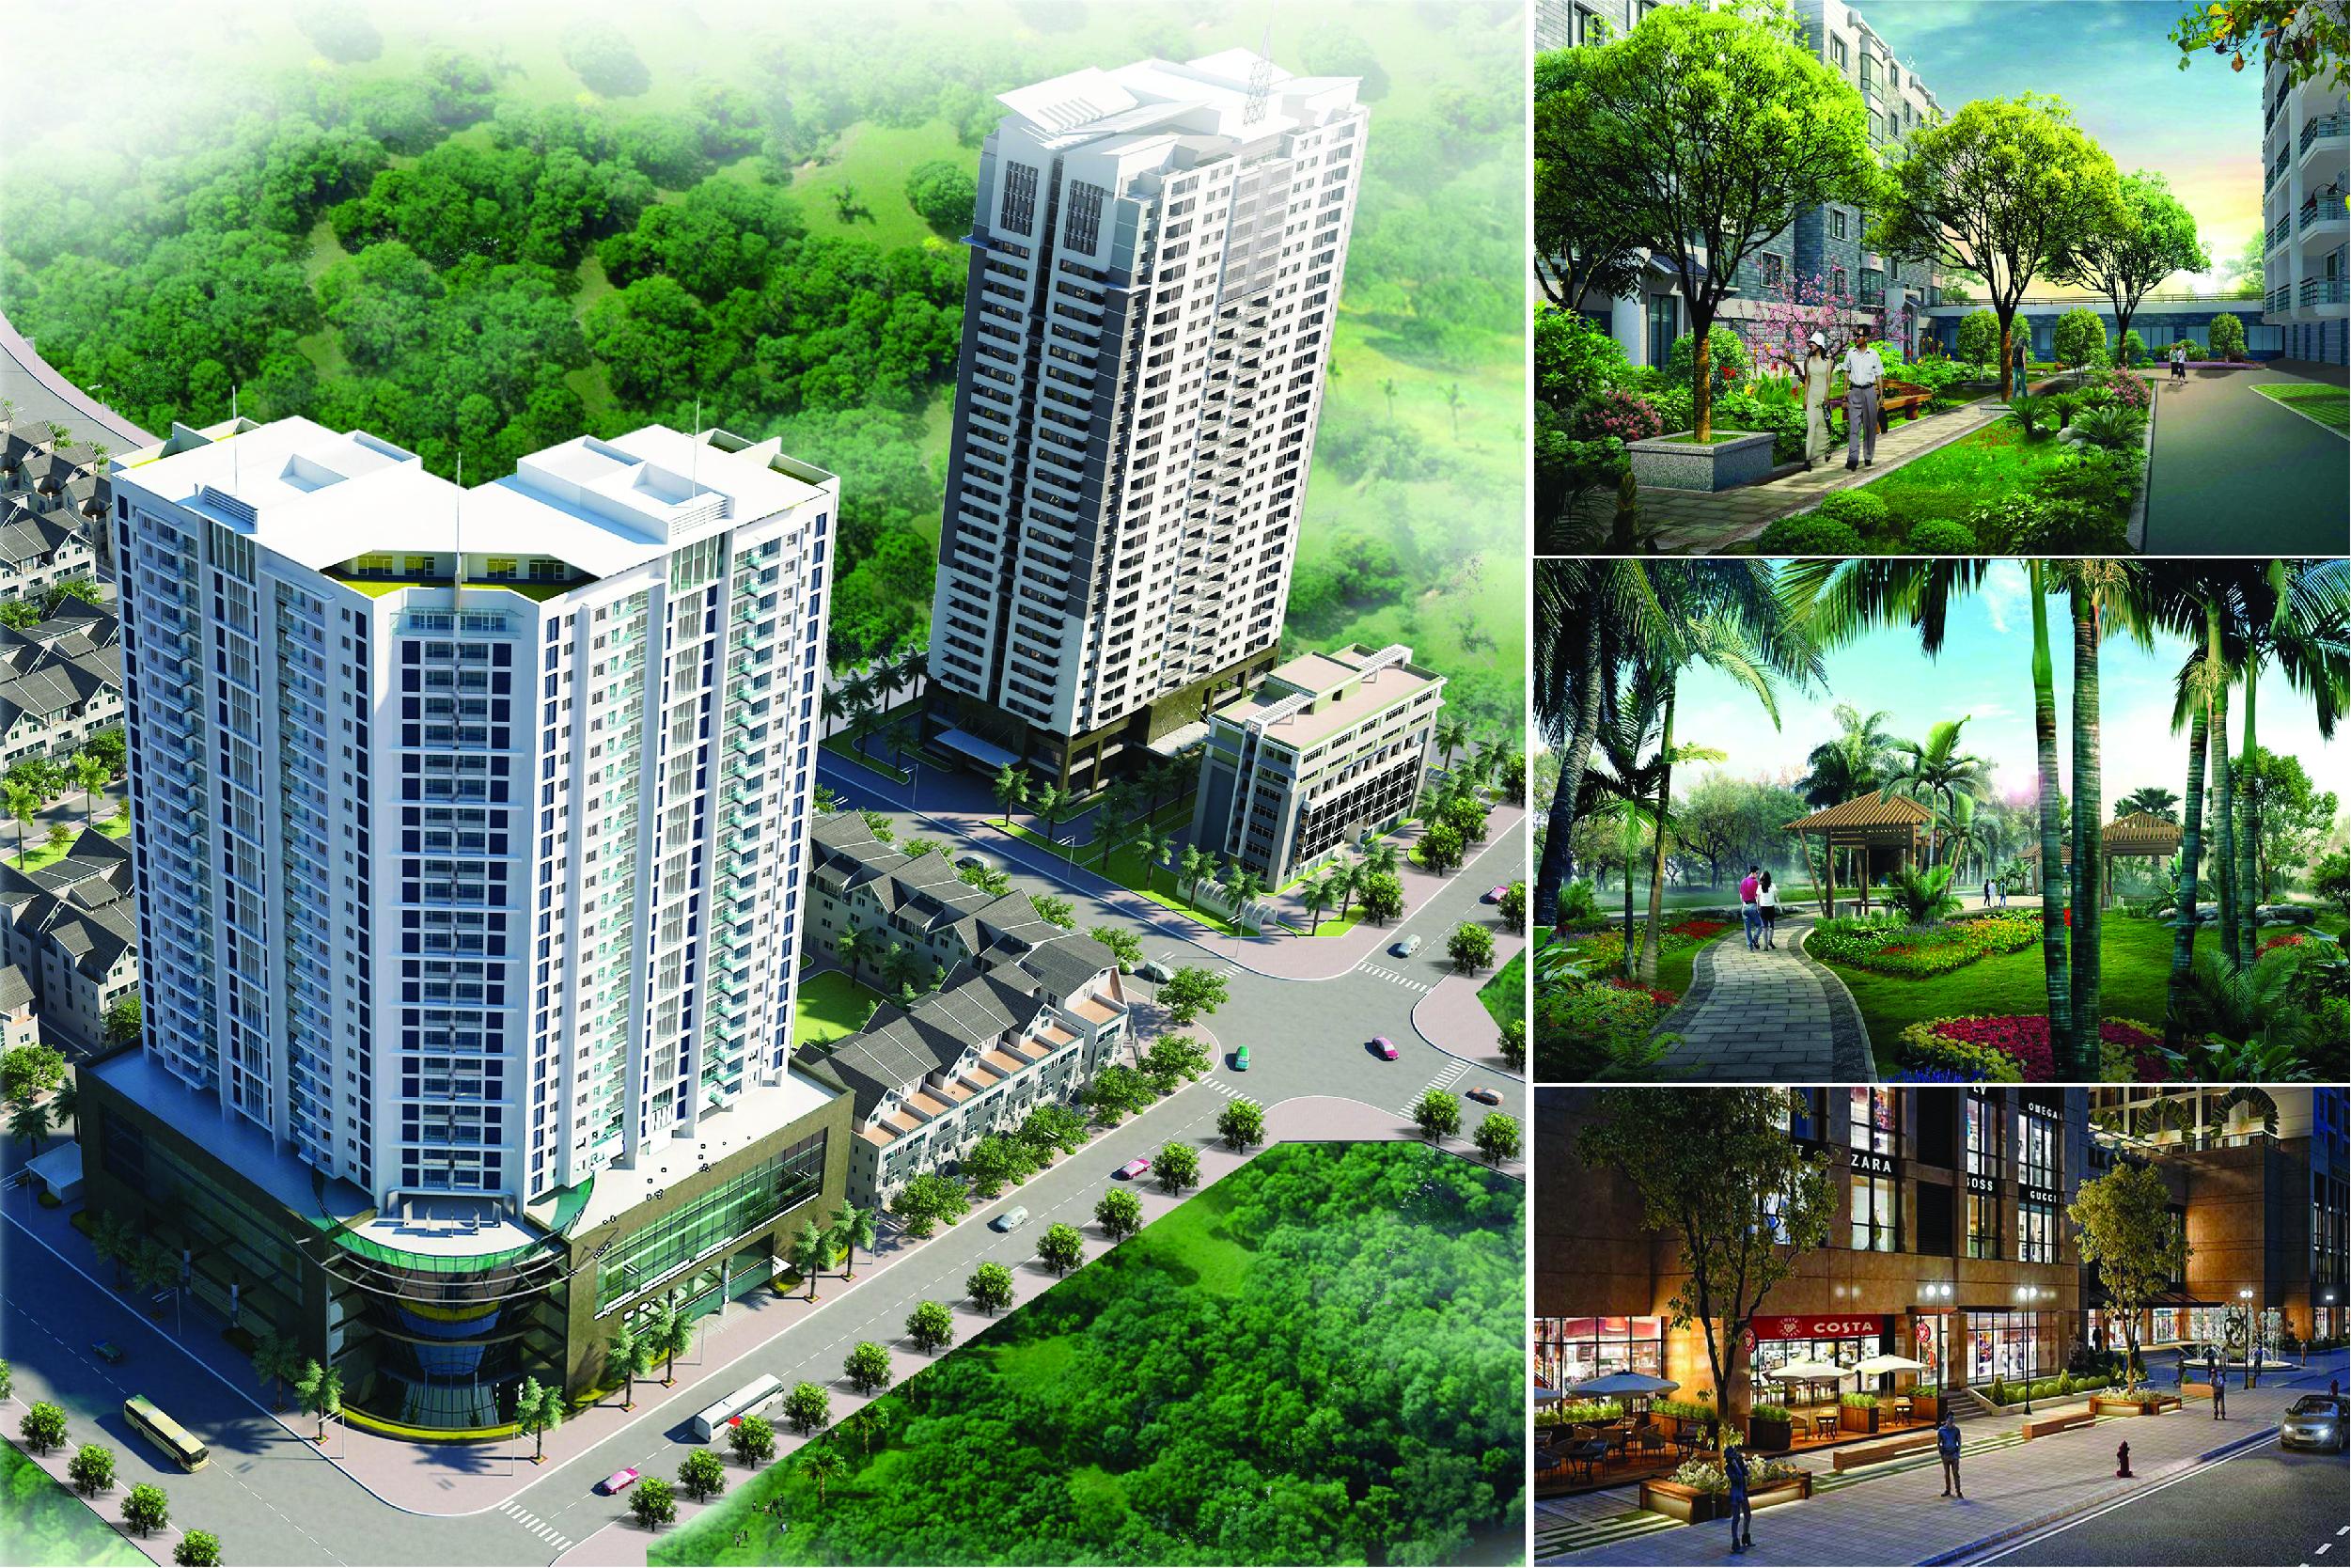 Dự án Thăng Long City với đầy đủ tiện ích của một khu đô thị cao cấp